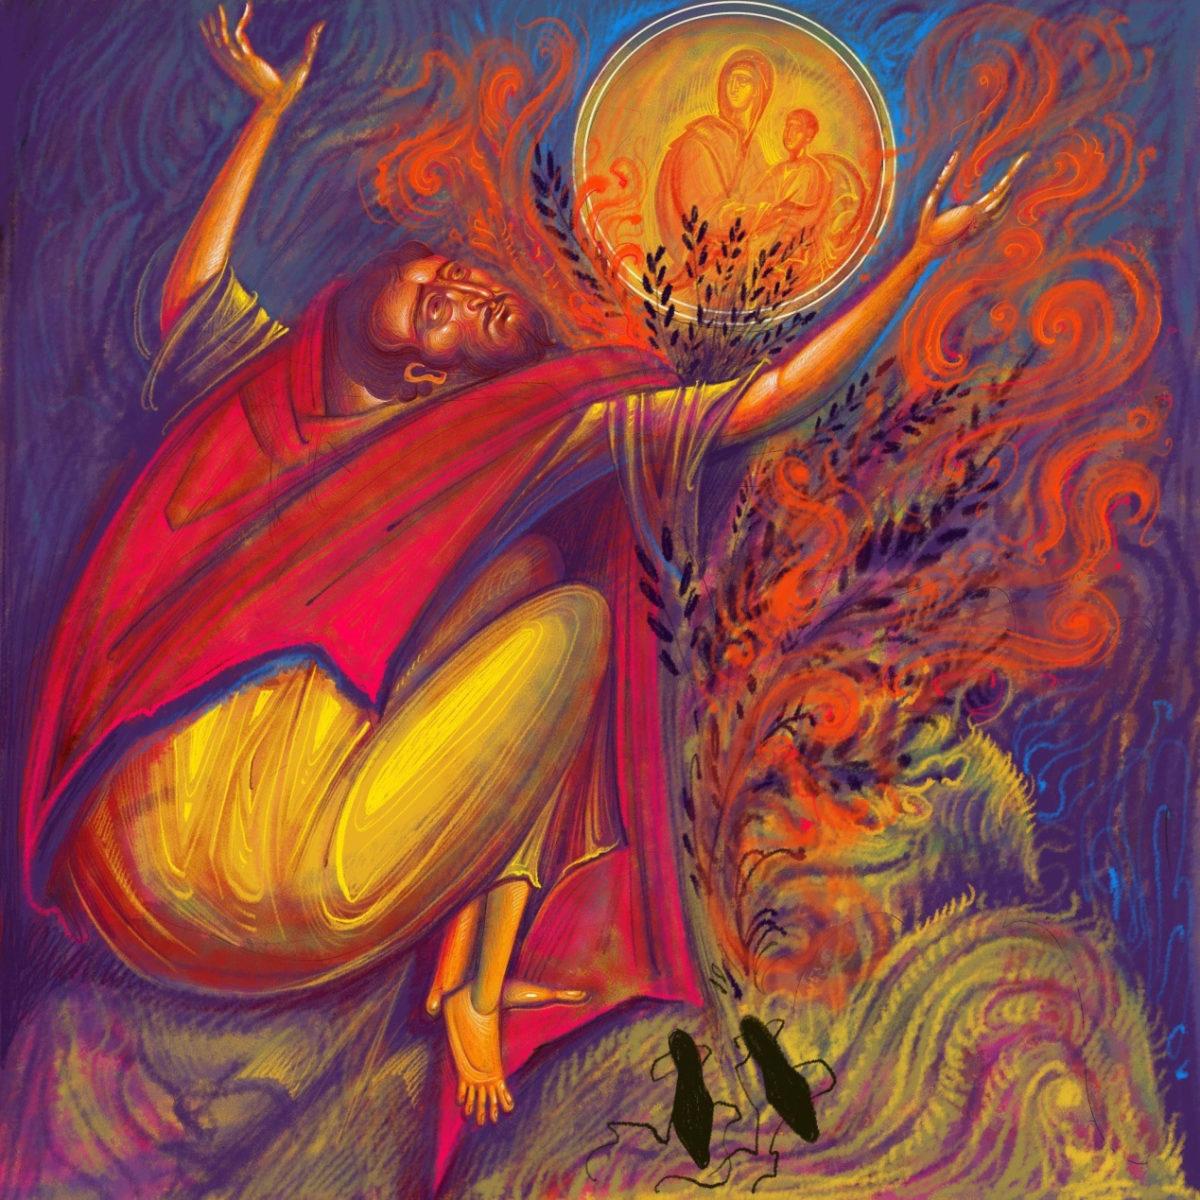 Γιώργος Κόρδης, «Ο Προφήτης Μωυσής προ της φλεγόμενης Βάτου». Ψηφιακή ζωγραφική, 1/5, Giclee Print.